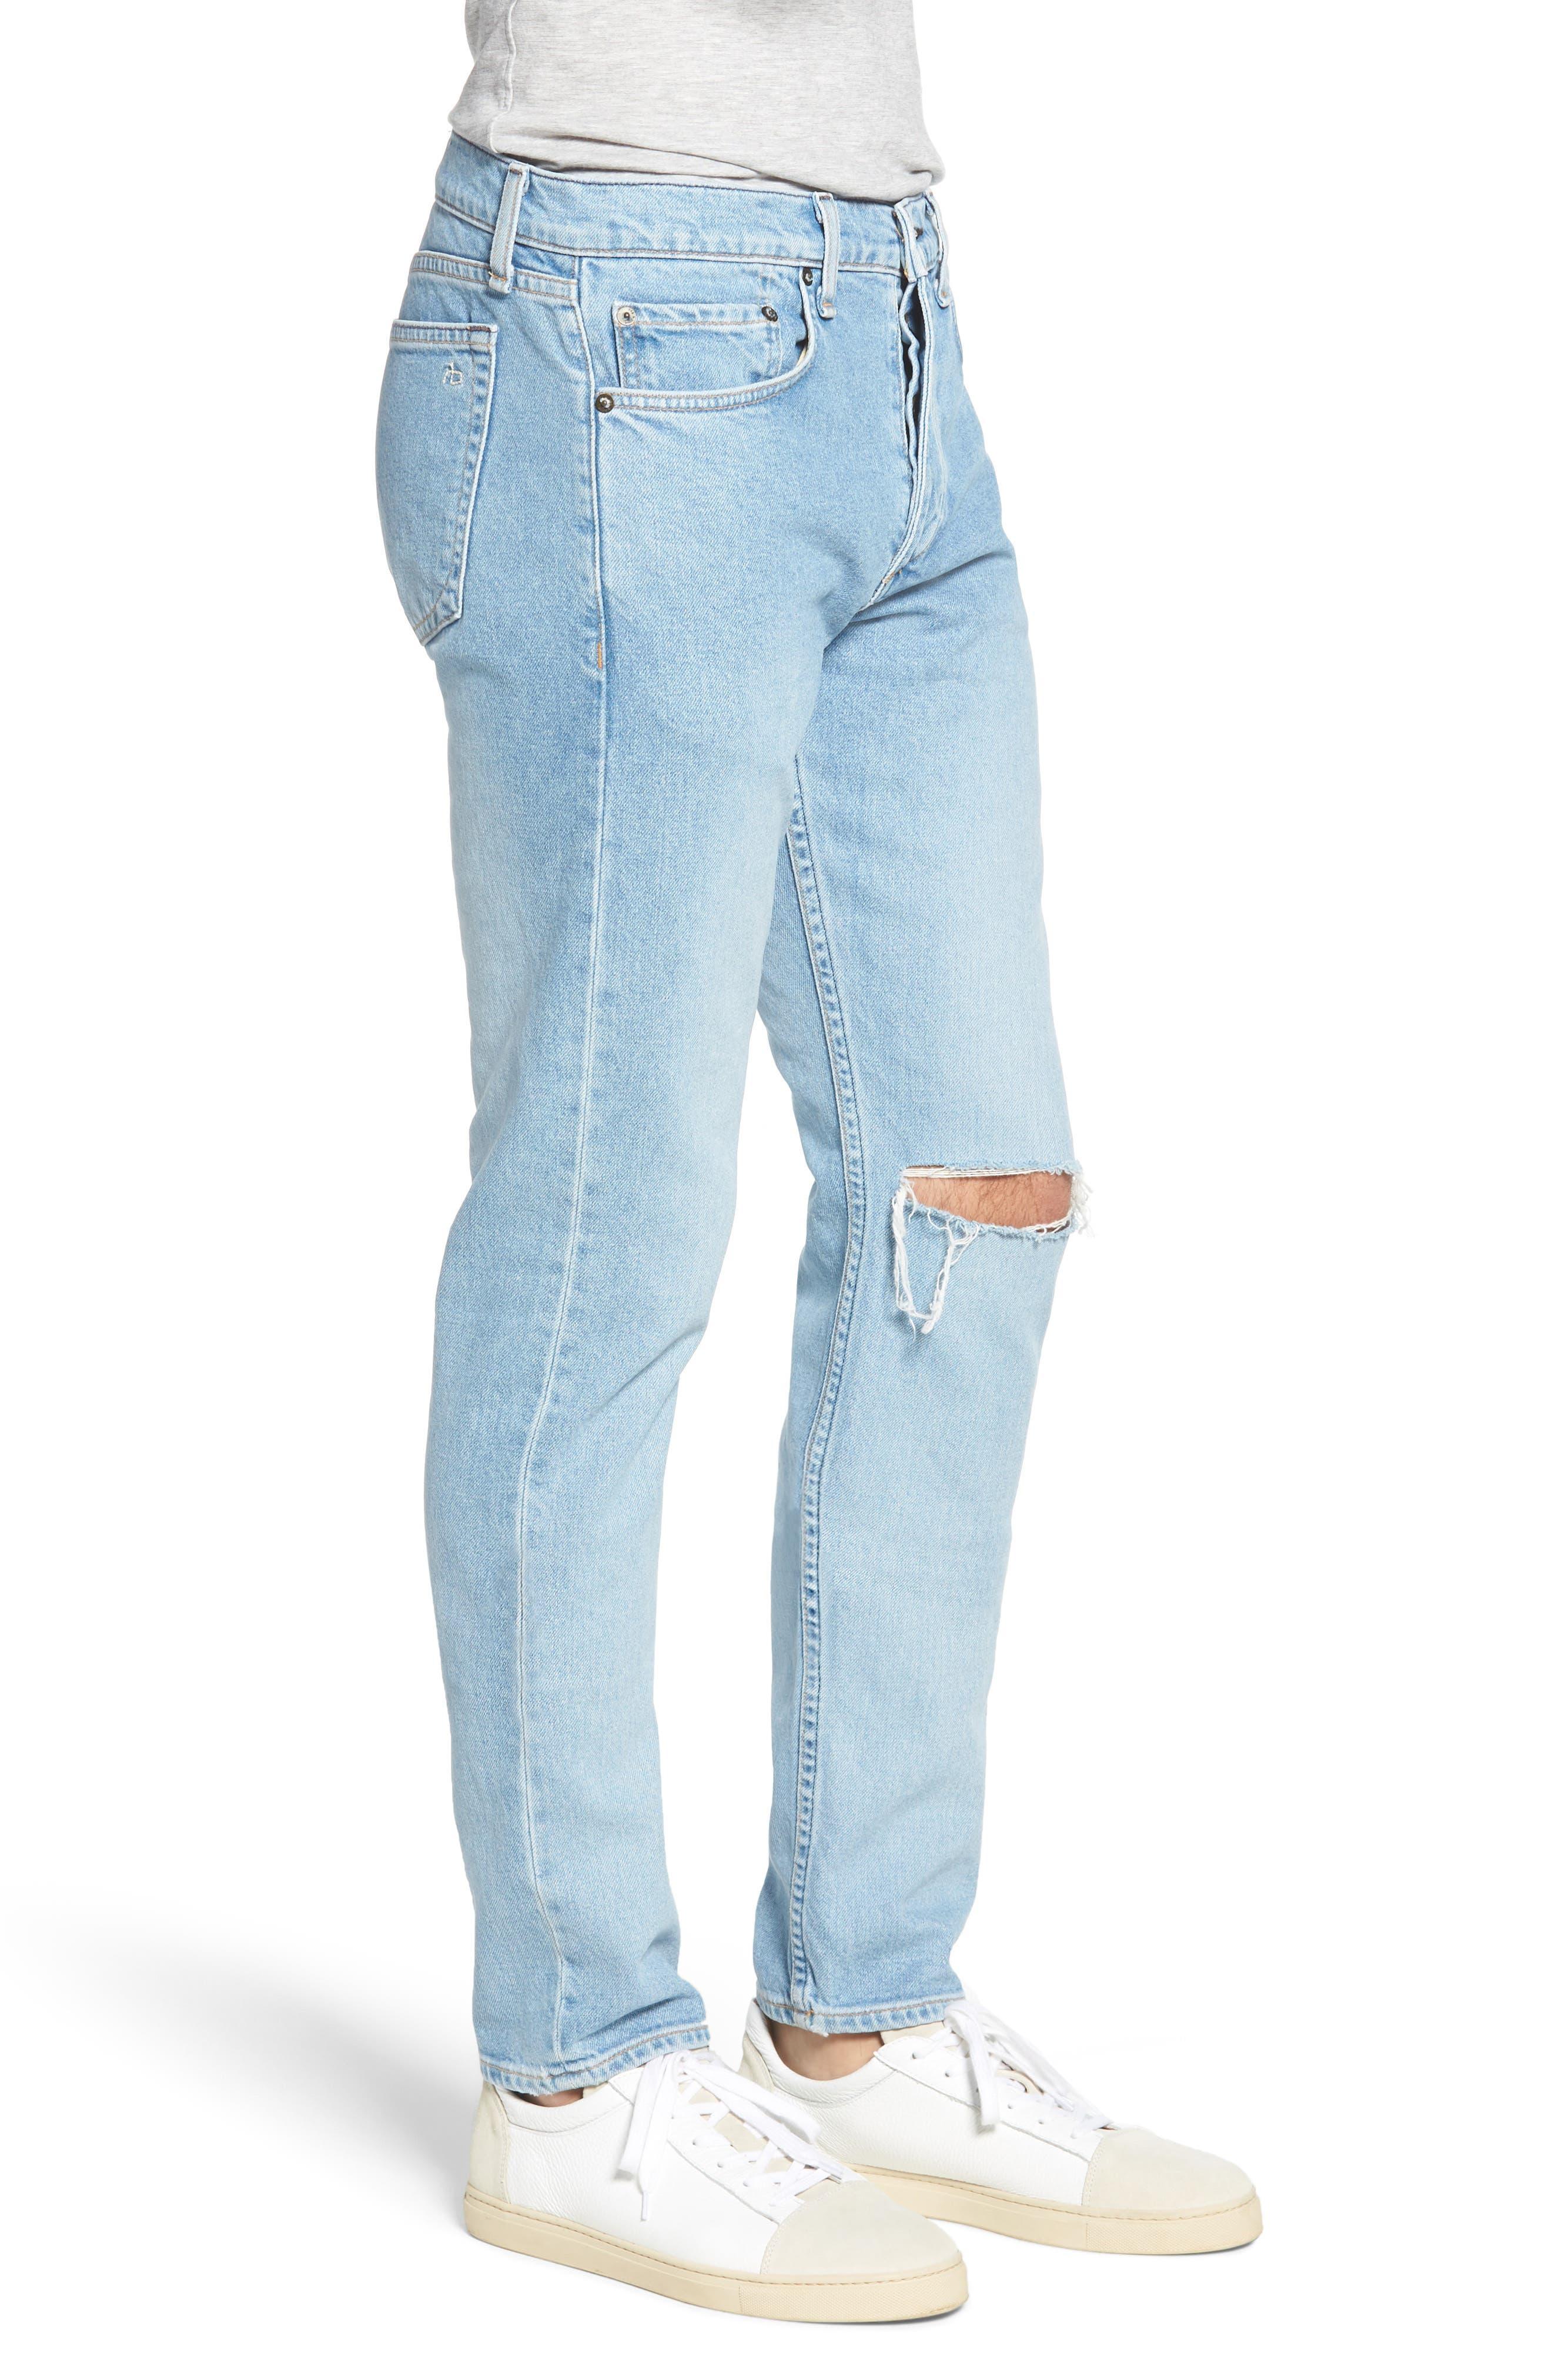 Fit 2 Slim Fit Jeans,                             Alternate thumbnail 3, color,                             MONTAUK W/ HOLE